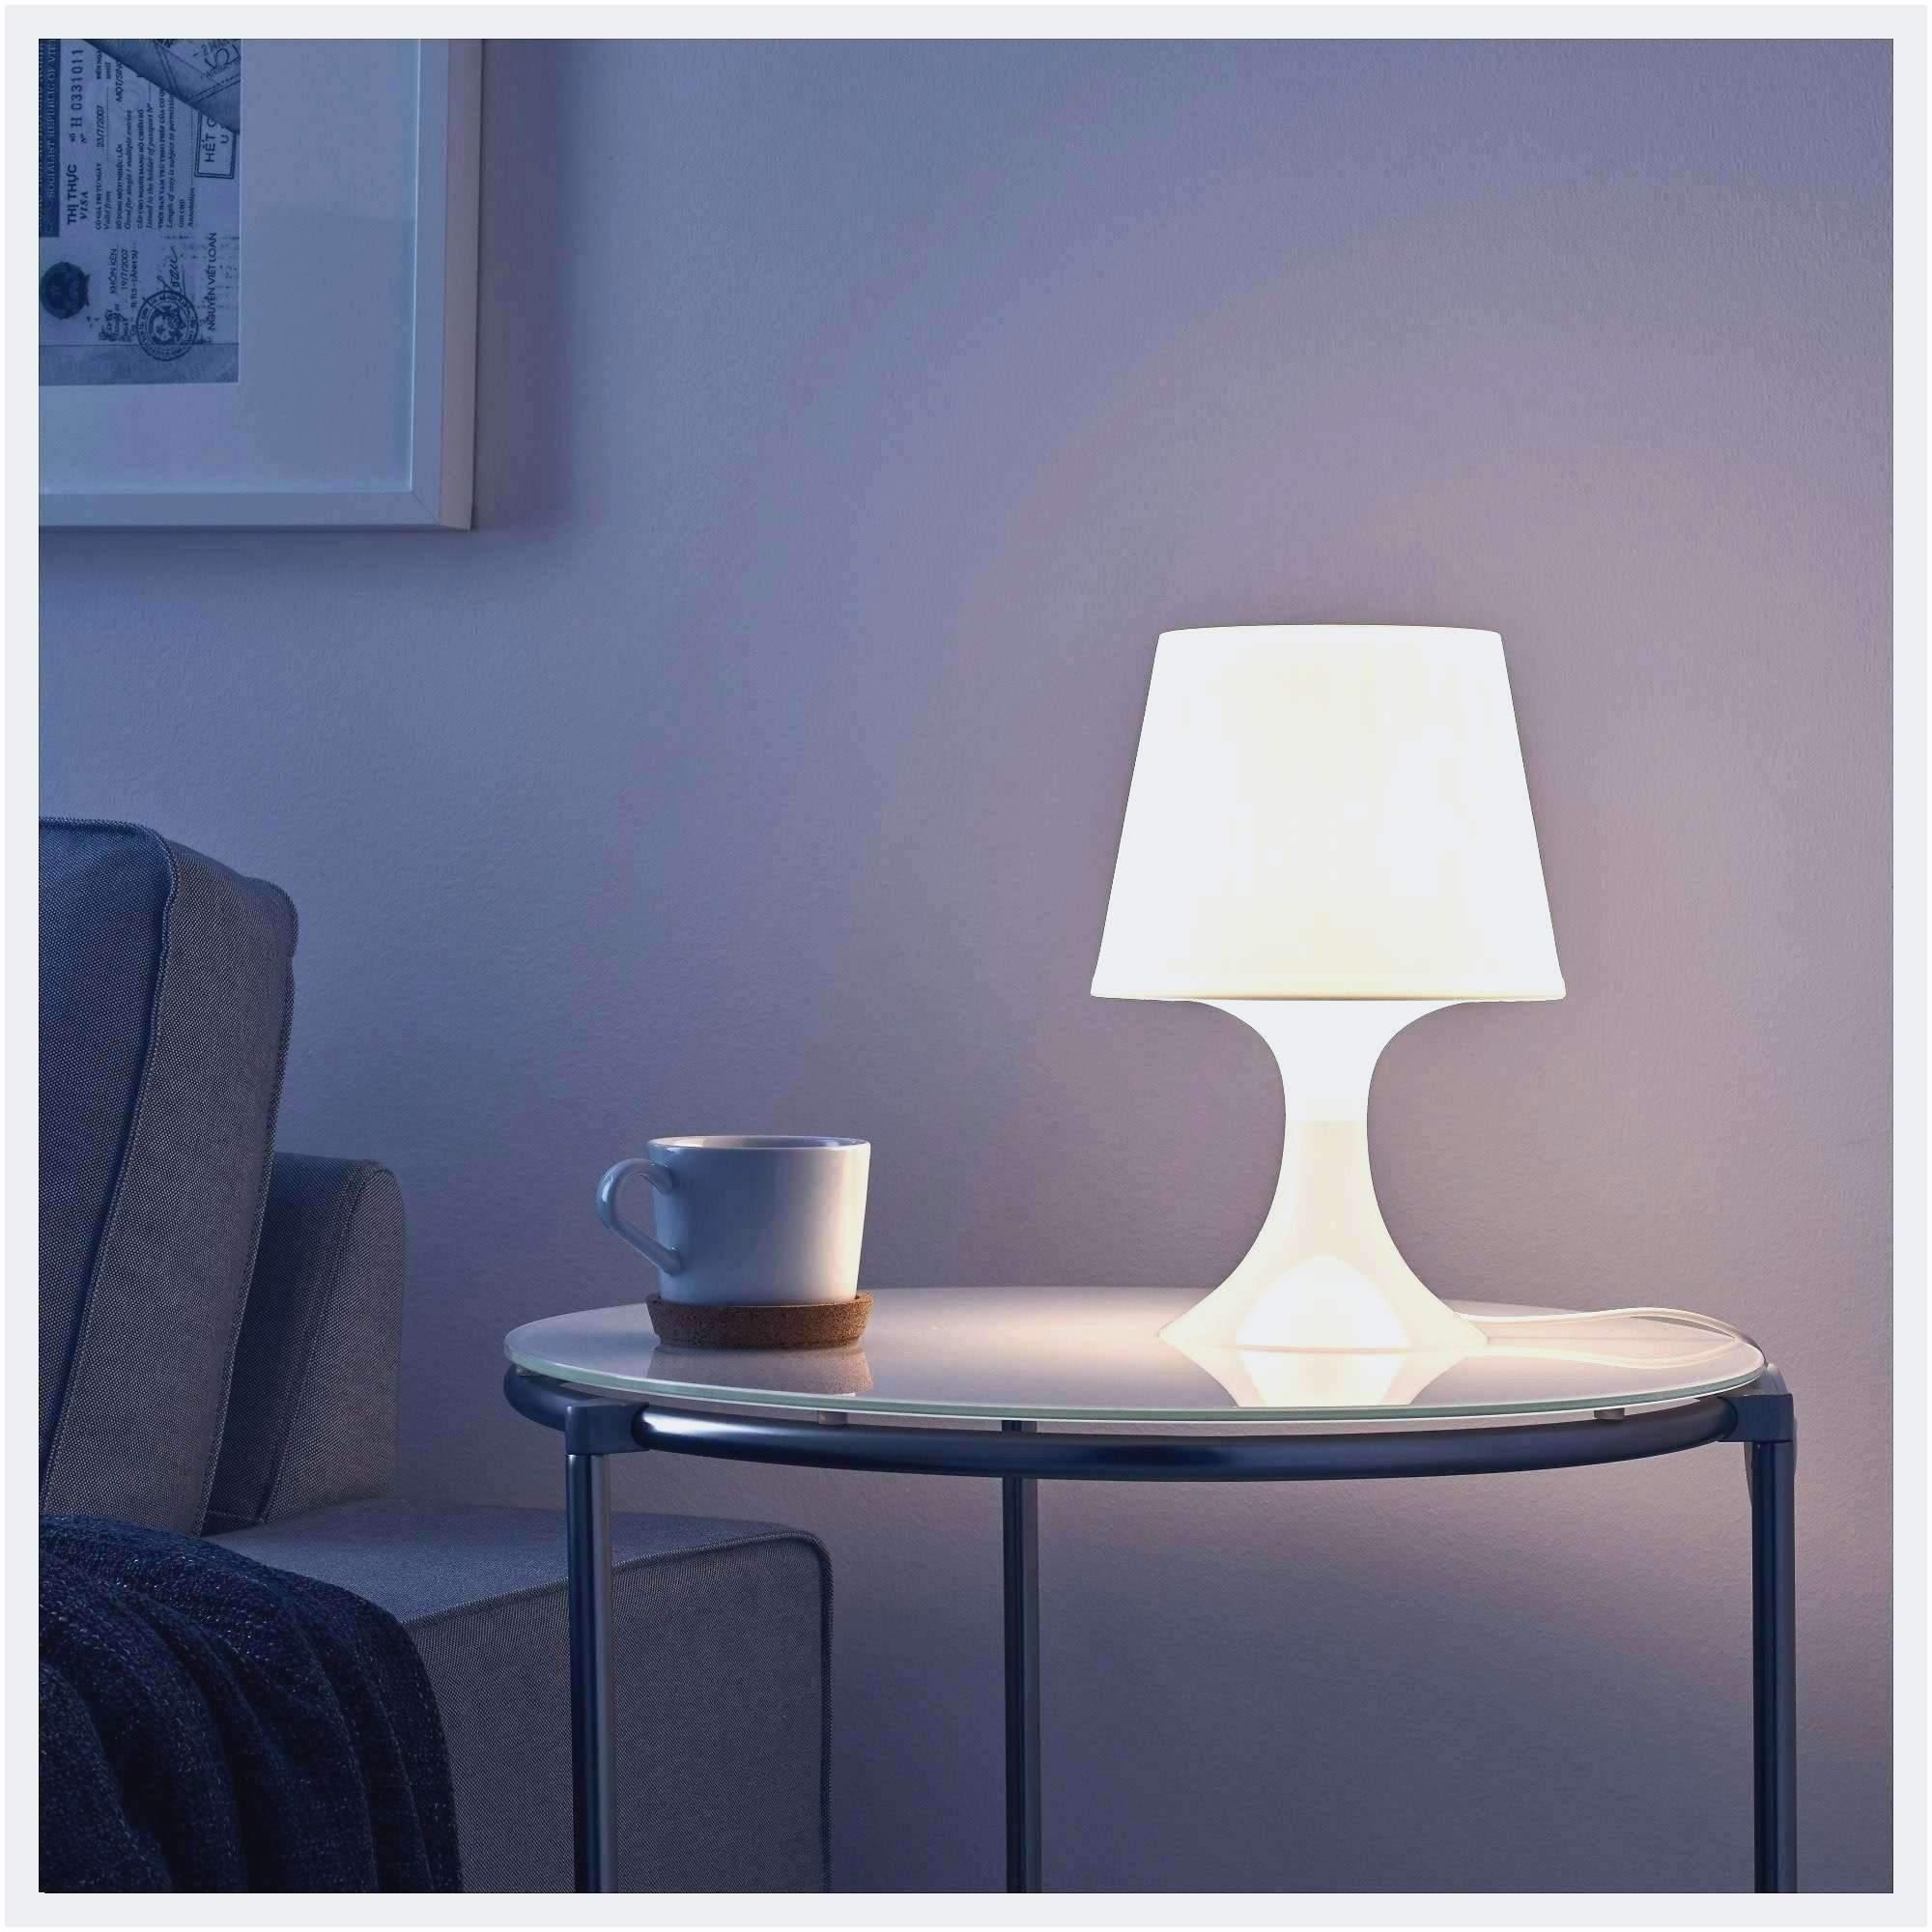 Full Size of Ikea Stehlampe Ohne Schirm Papier Stehlampen Deckenfluter Not Kaputt Wohnzimmer Stockholm Stehlampenschirm Lampenschirm Dimmbar Dimmen Lampe Lampen Neu Design Wohnzimmer Ikea Stehlampe